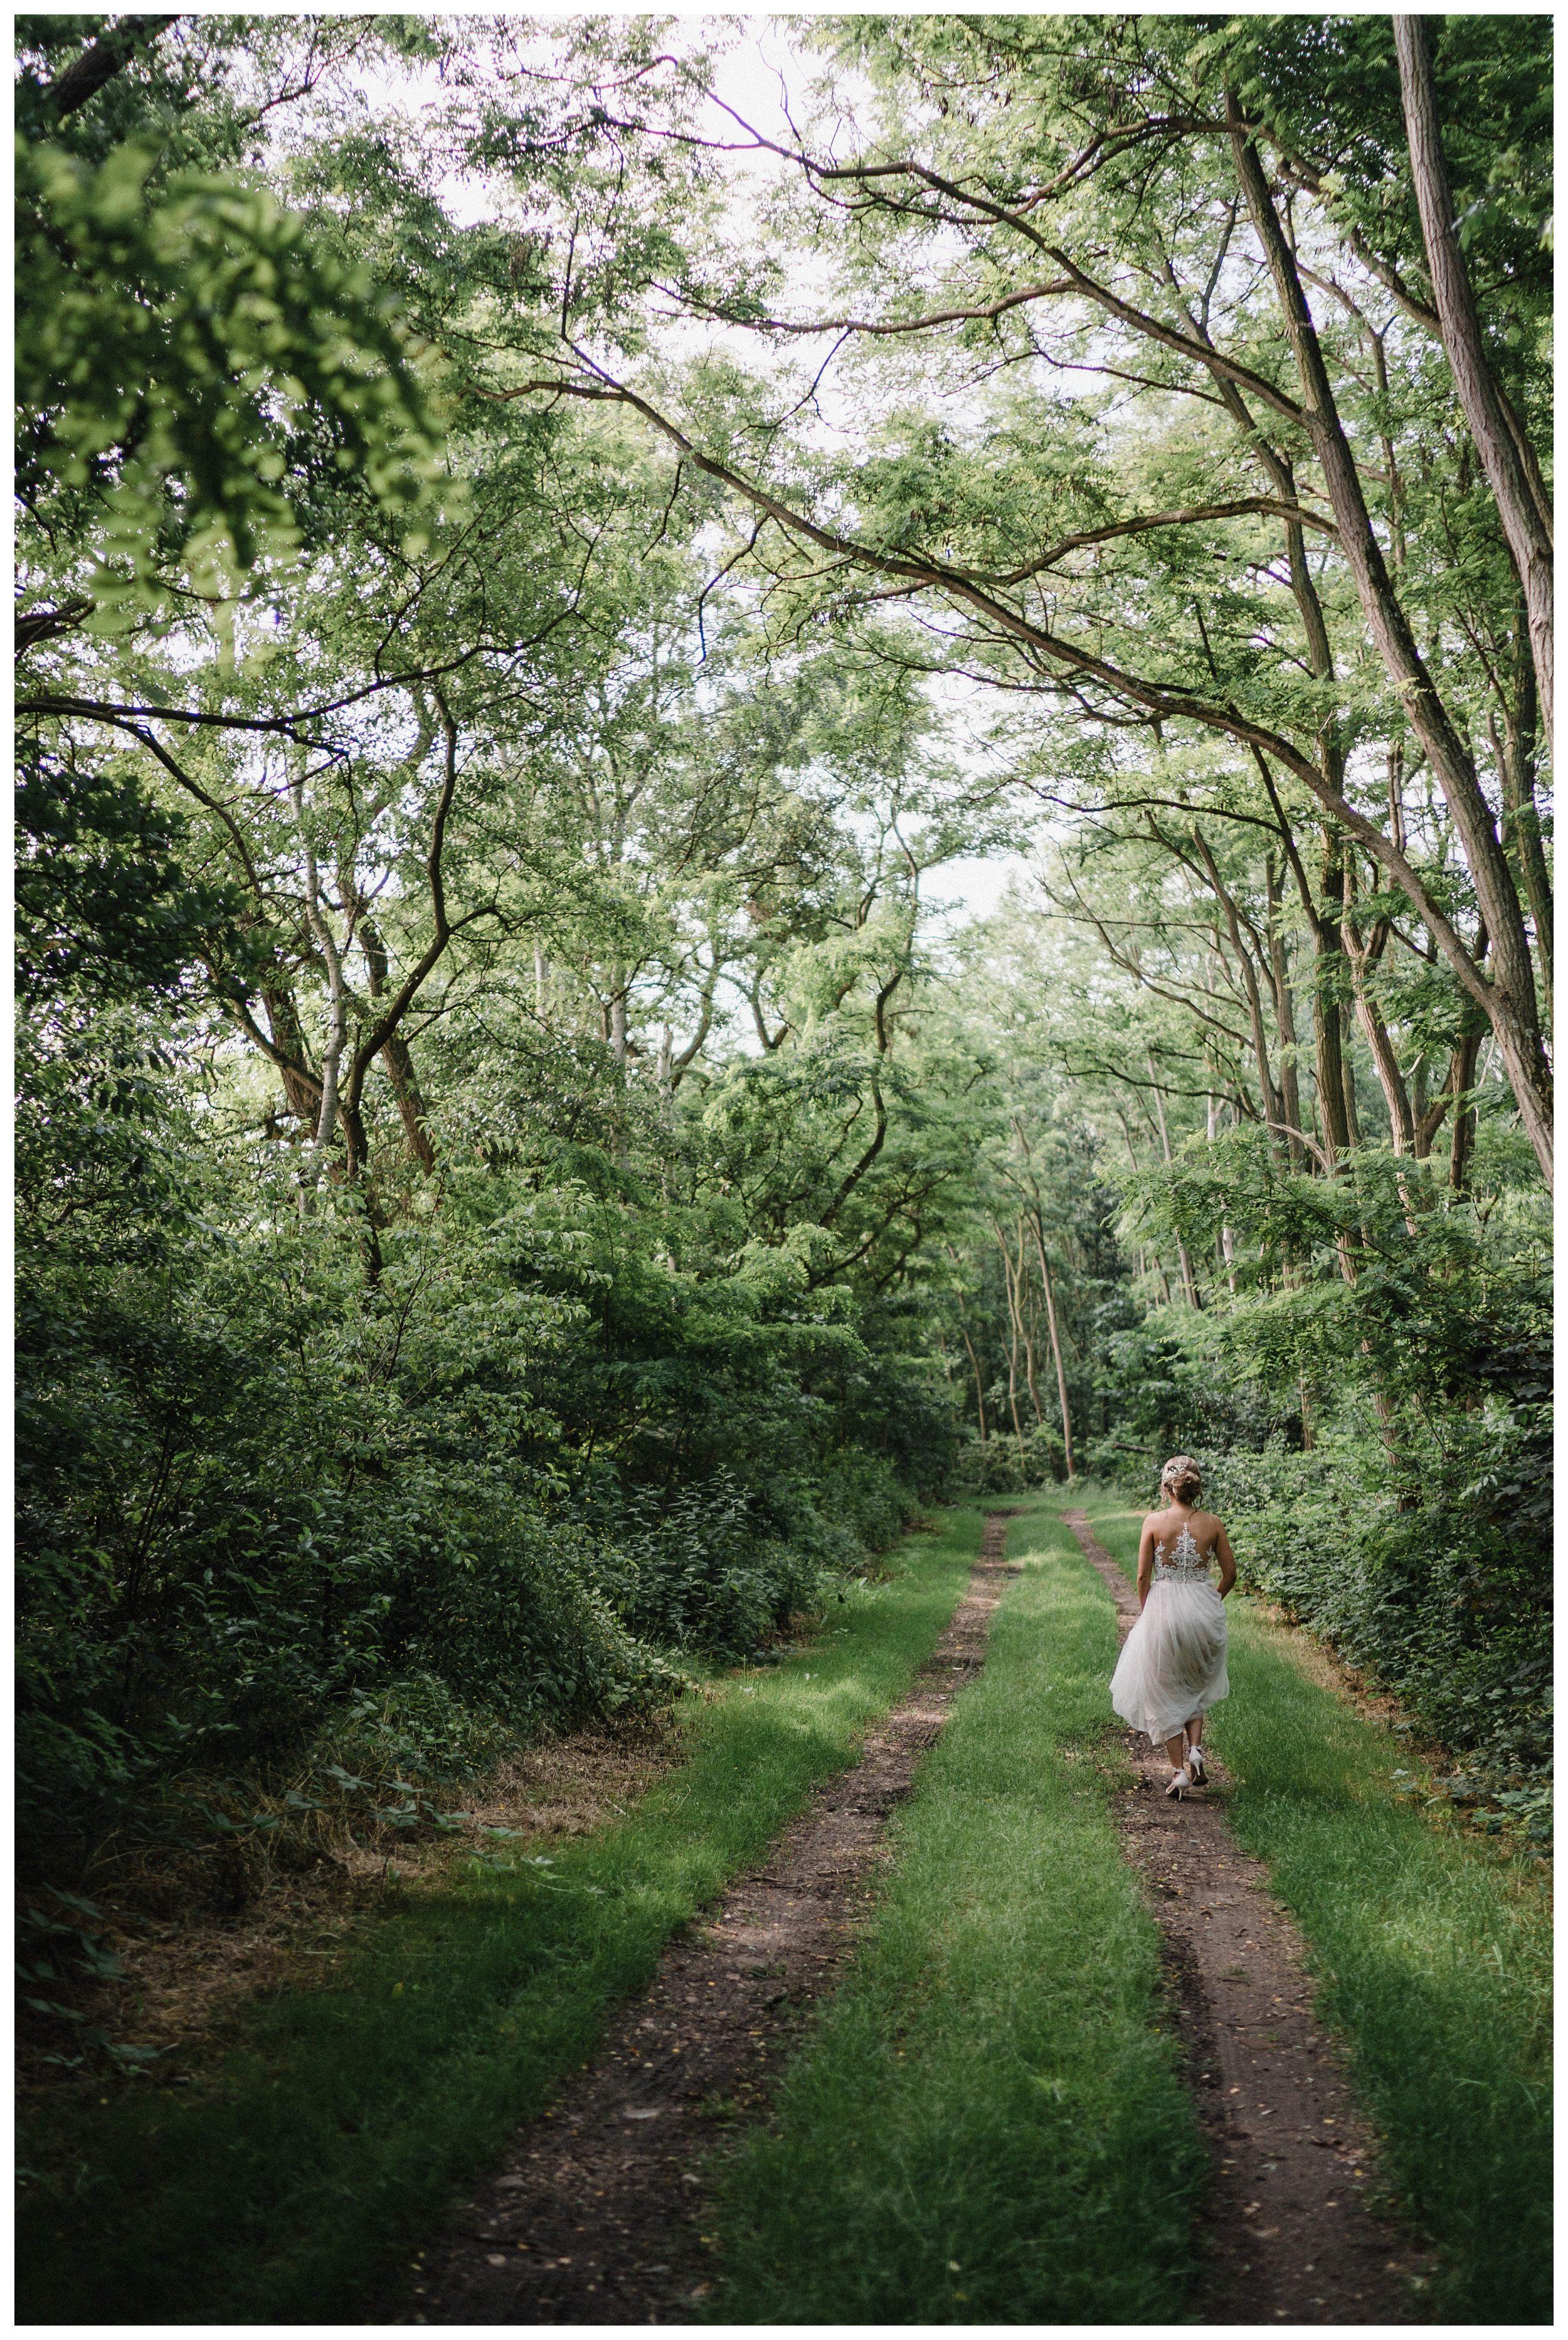 huwelijksfotograaf bruidsfotograaf destinationwedding huwelijksfotografie in mol oostham (16).jpg